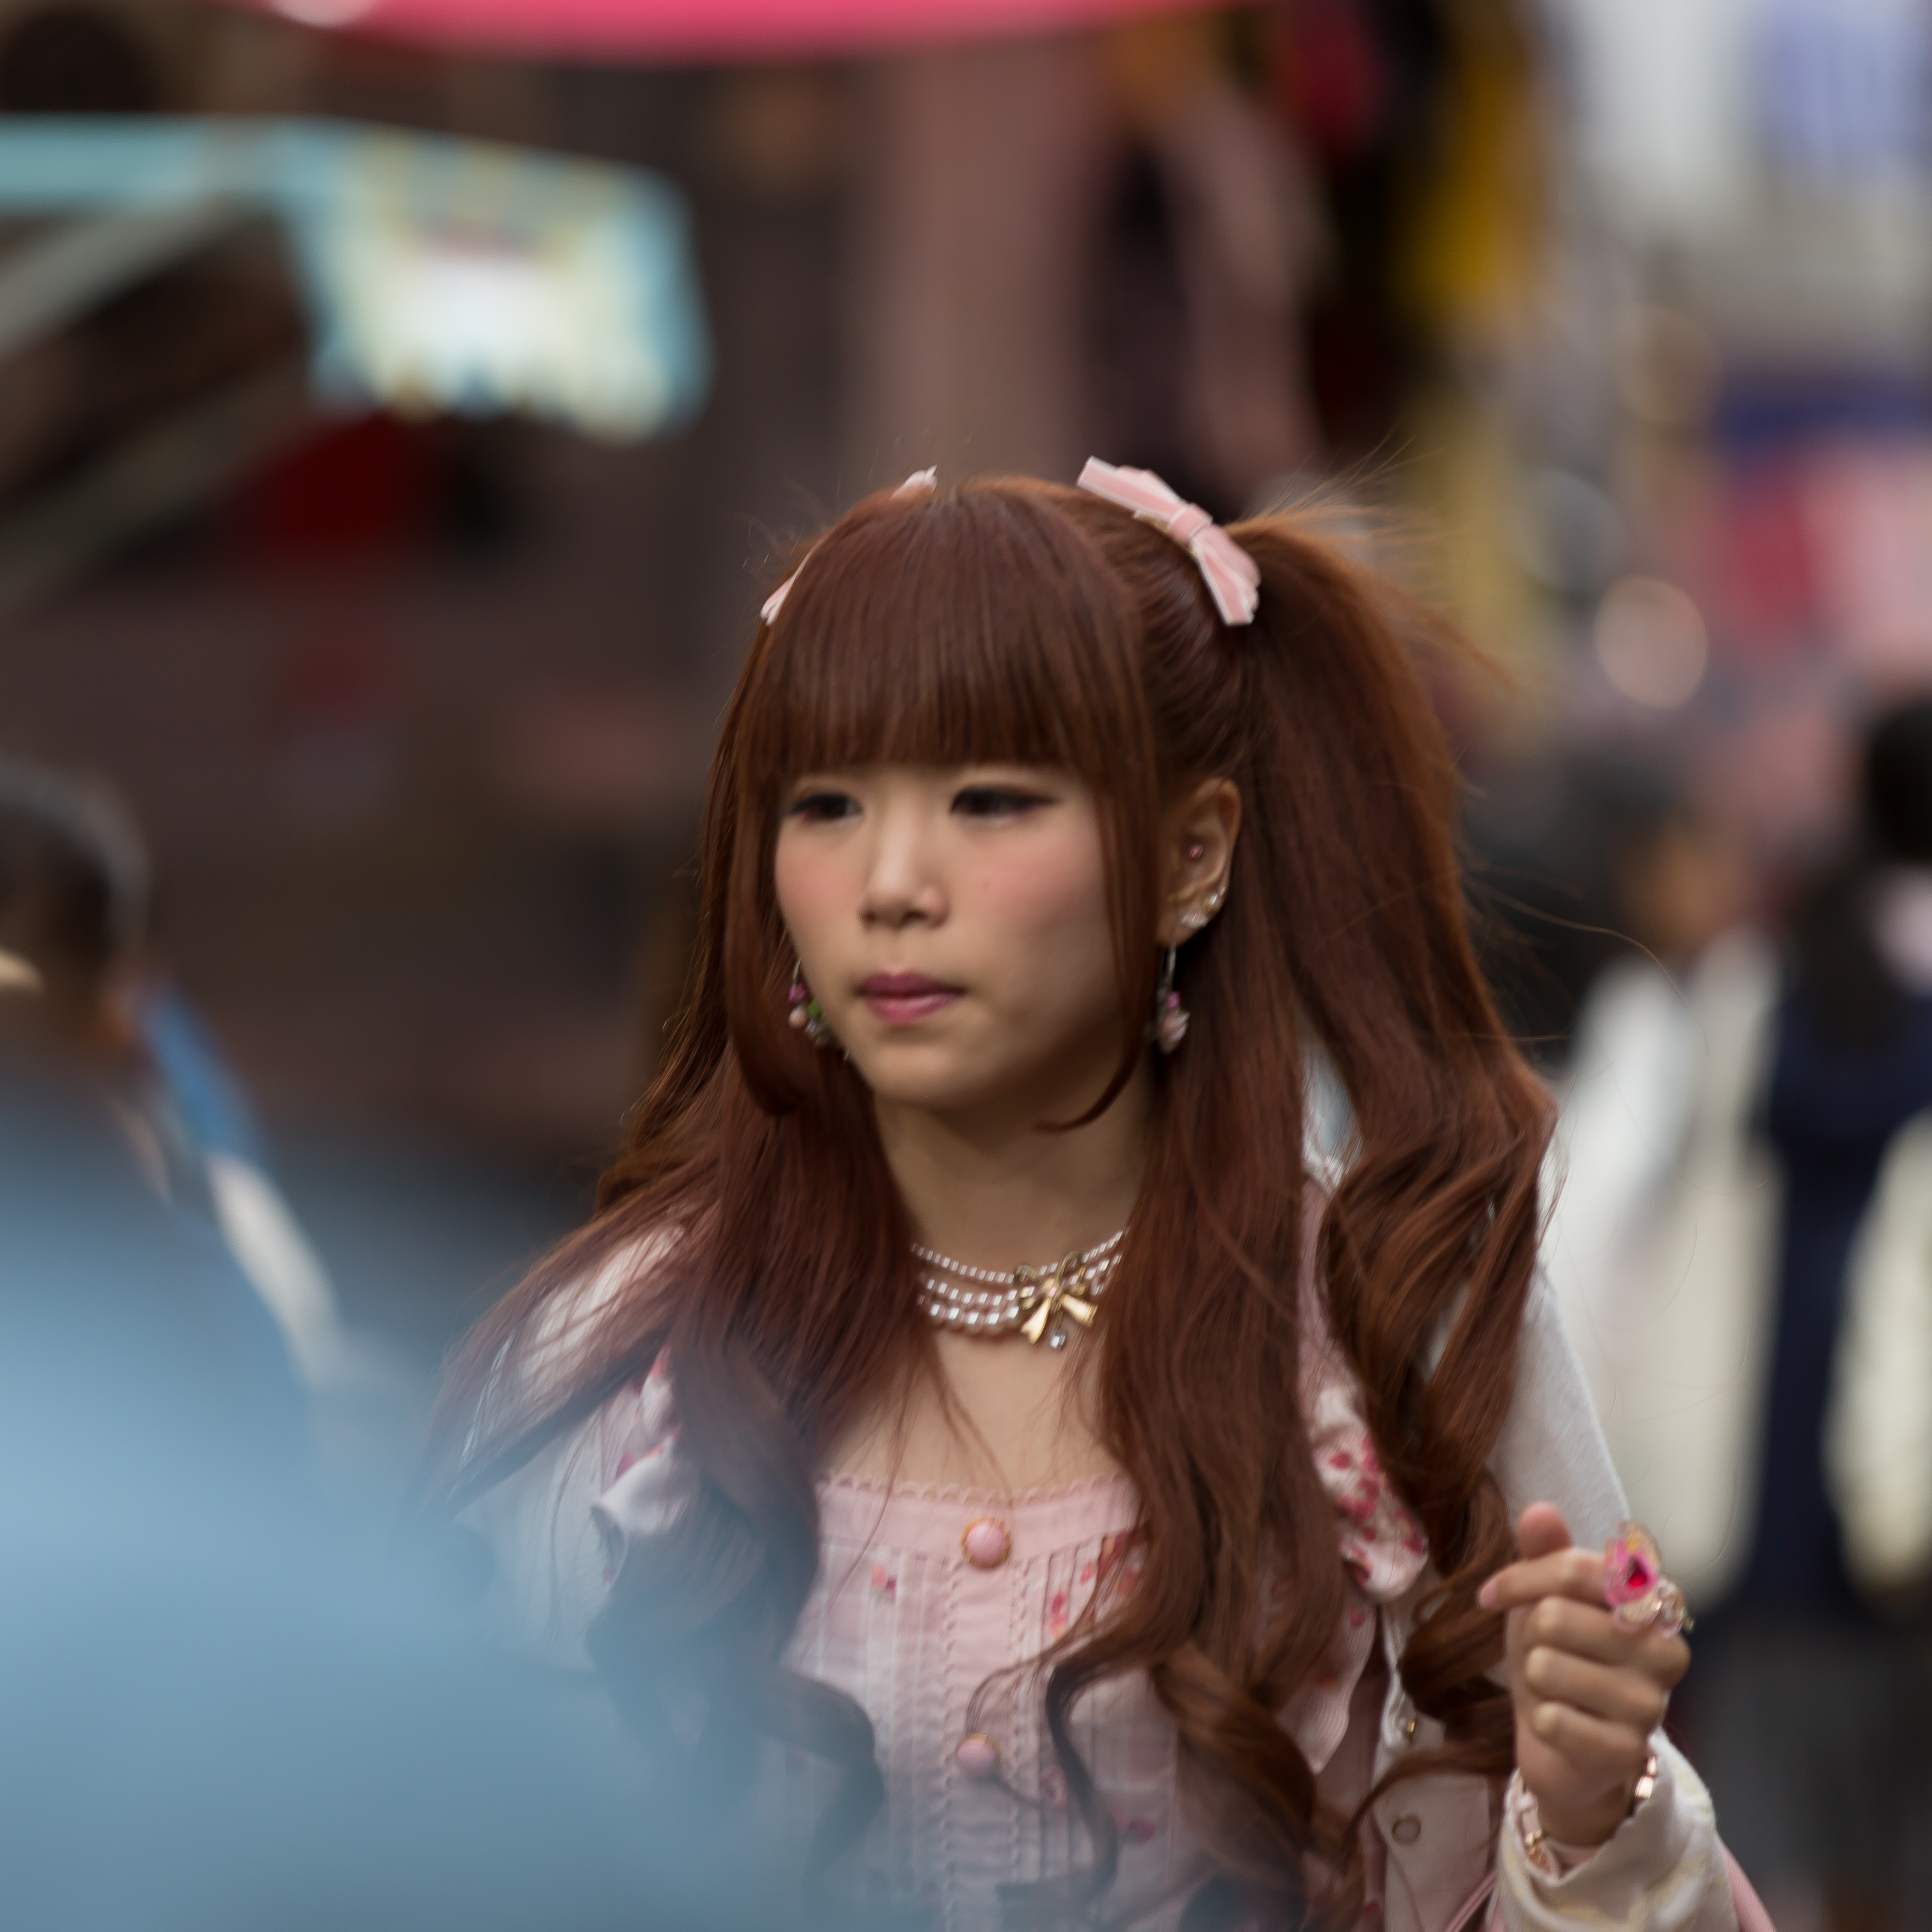 Girl of Takeshita Dori - Tokyo